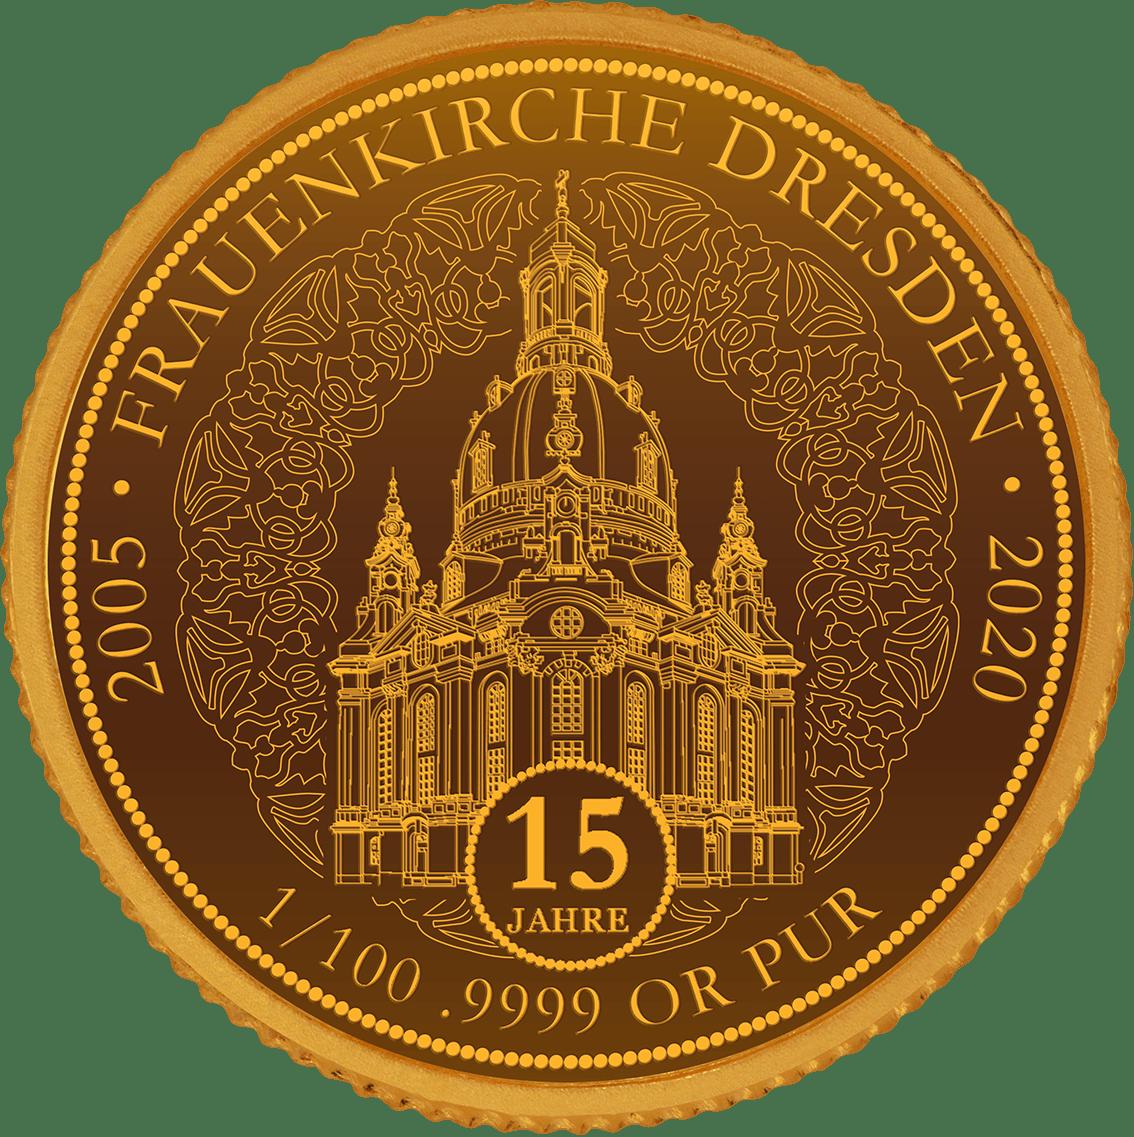 15 Jahre Frauenkirche Dresdensden